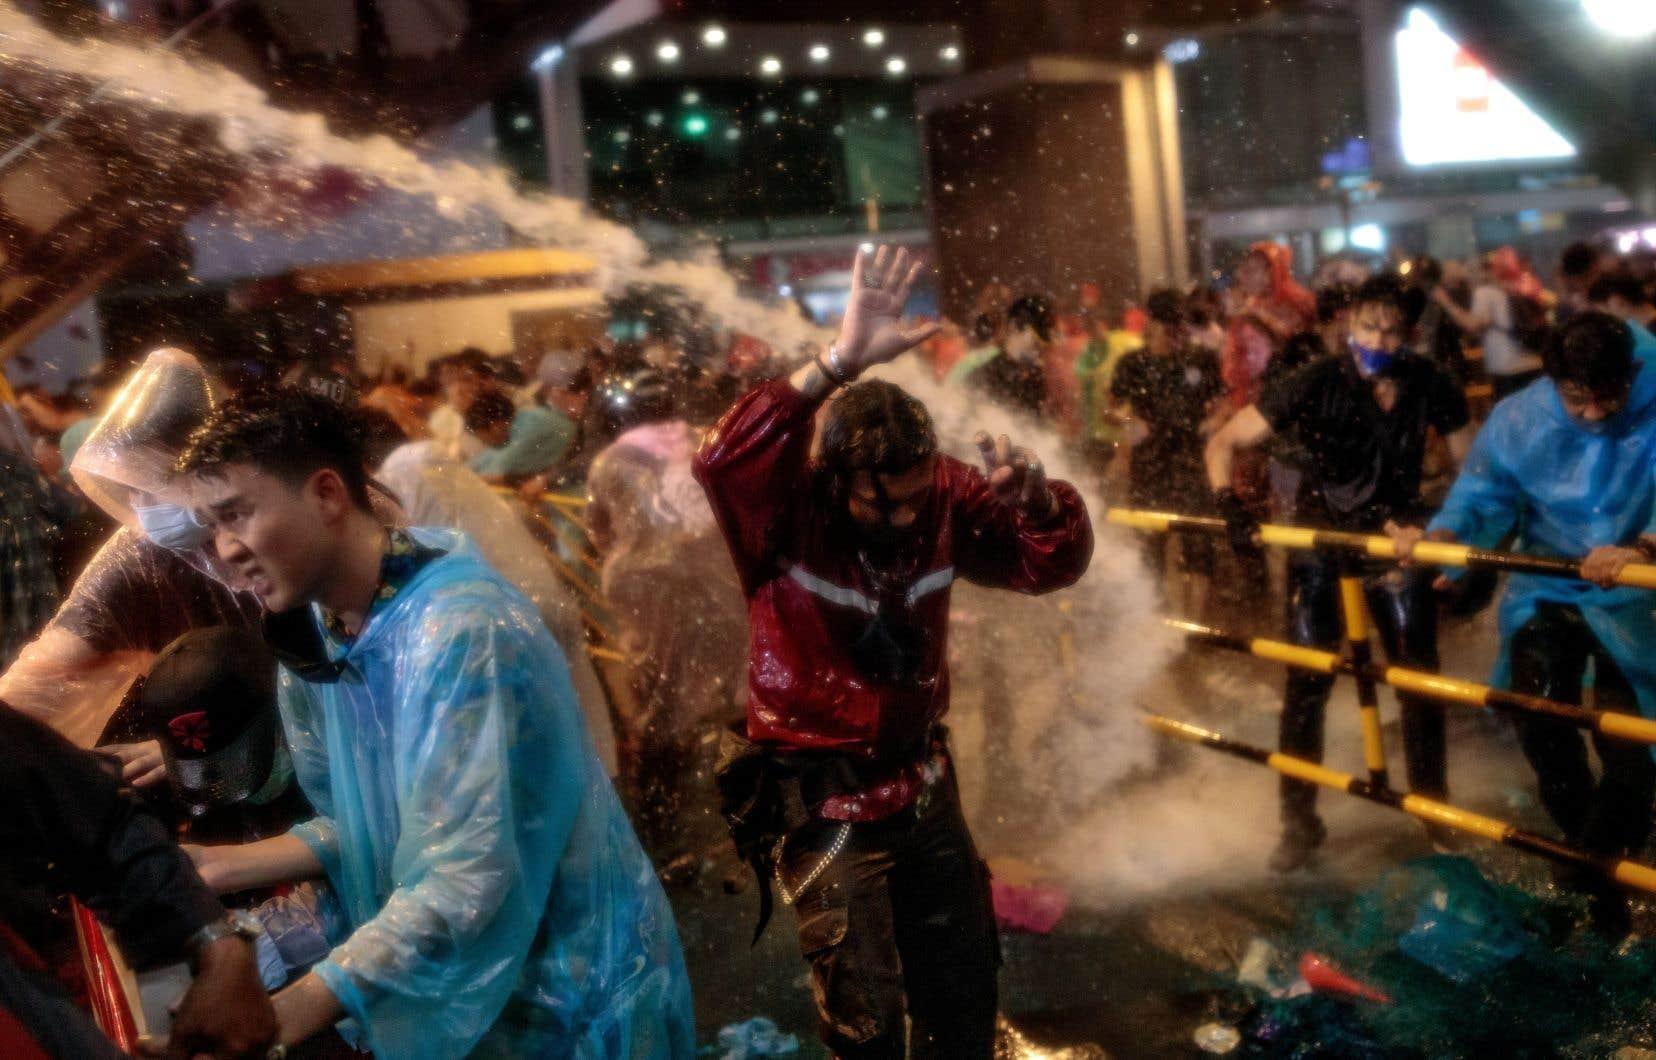 Des canons, mélangeant eau et produits chimiques, ont été utilisés par la police antiémeute contre les contestataires.